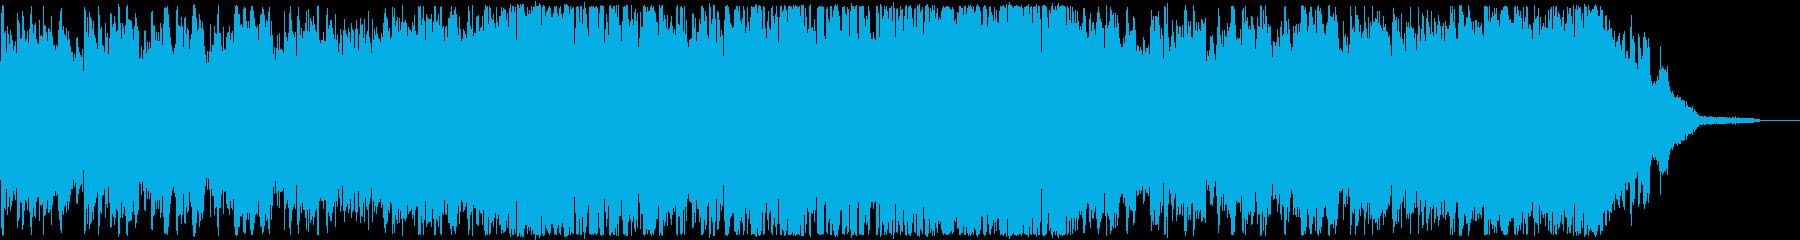 エンディング・おしゃれな洋楽R&Bの再生済みの波形